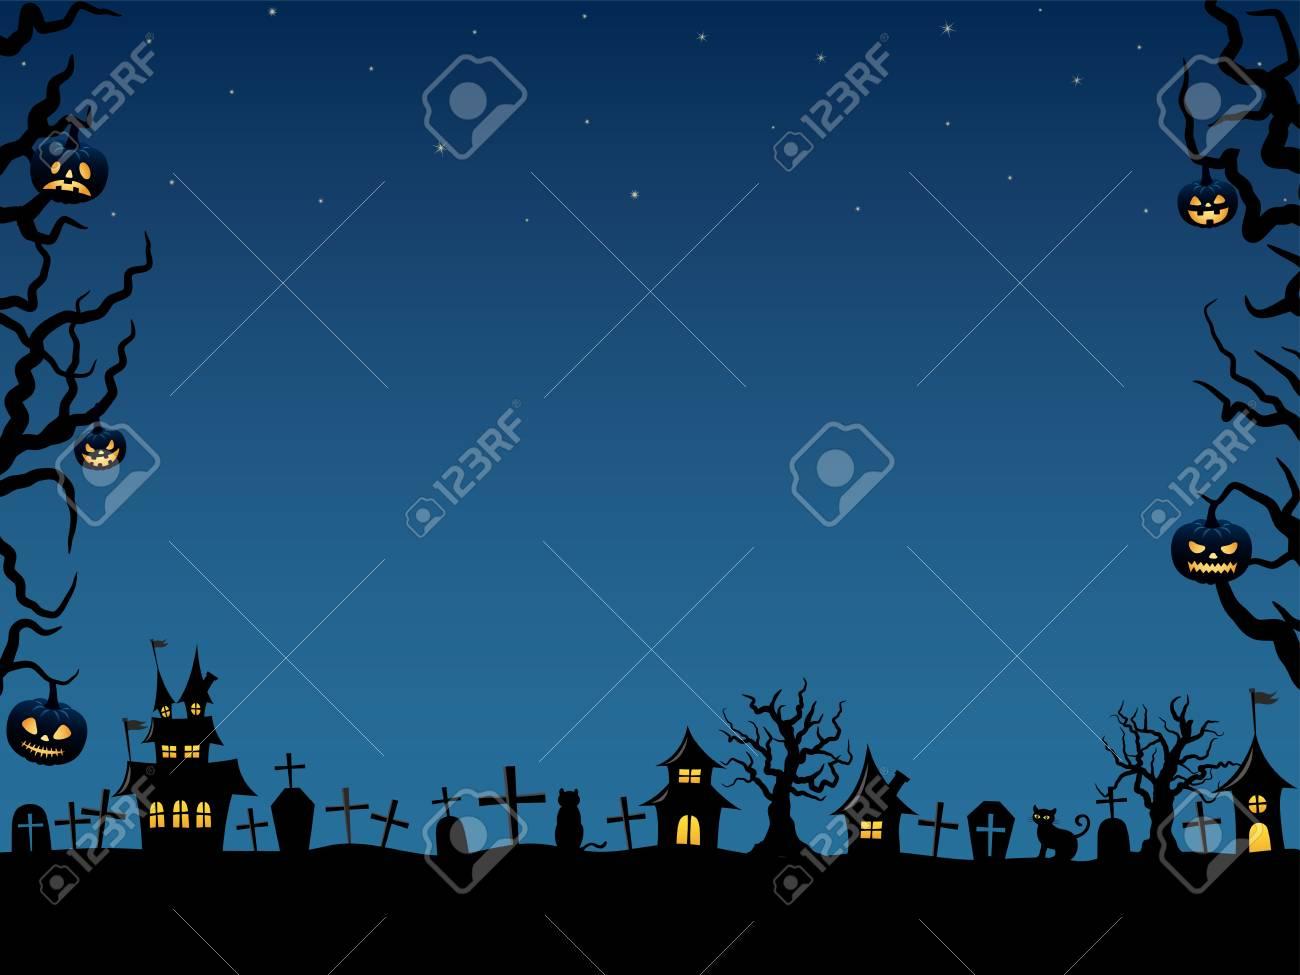 Halloween vector background - 84503717